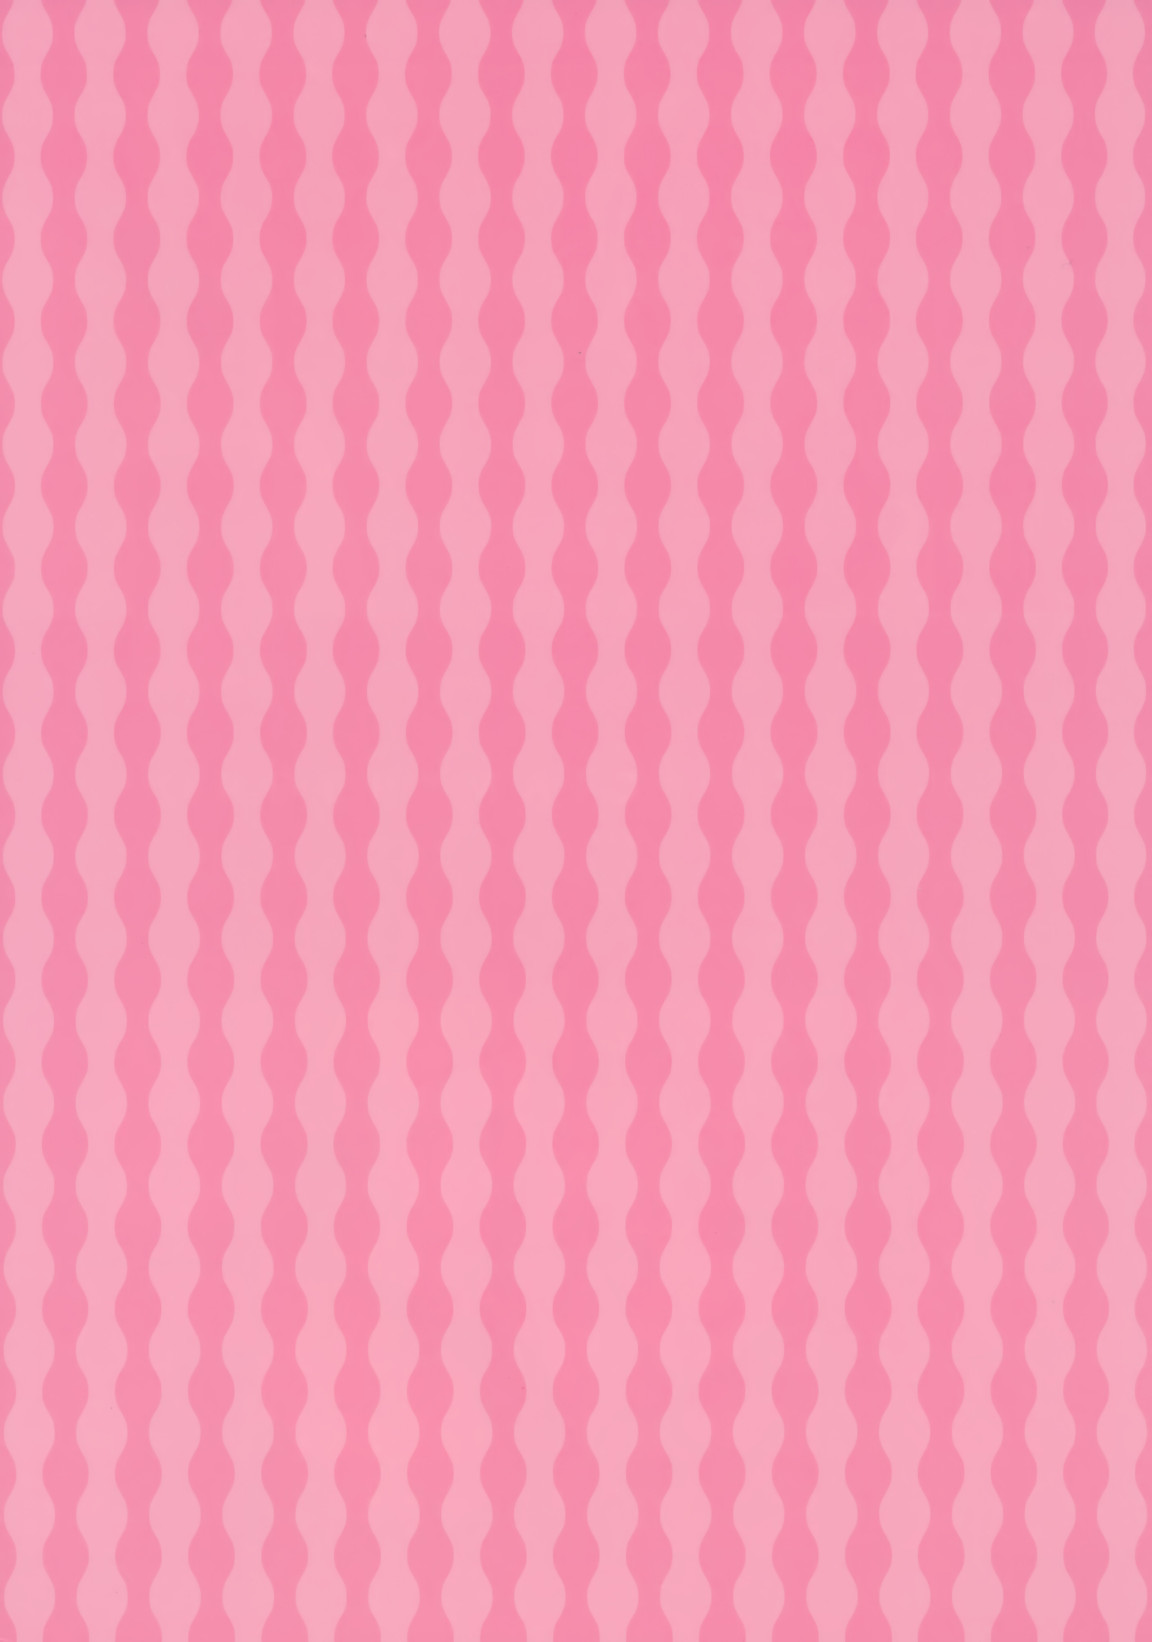 姉妹アイドルのプロデューサーになったところ、姉妹二人と恋人関係になっちゃう不思議な三角関係wwwwww【モバマス エロ漫画・エロ同人】 (4)